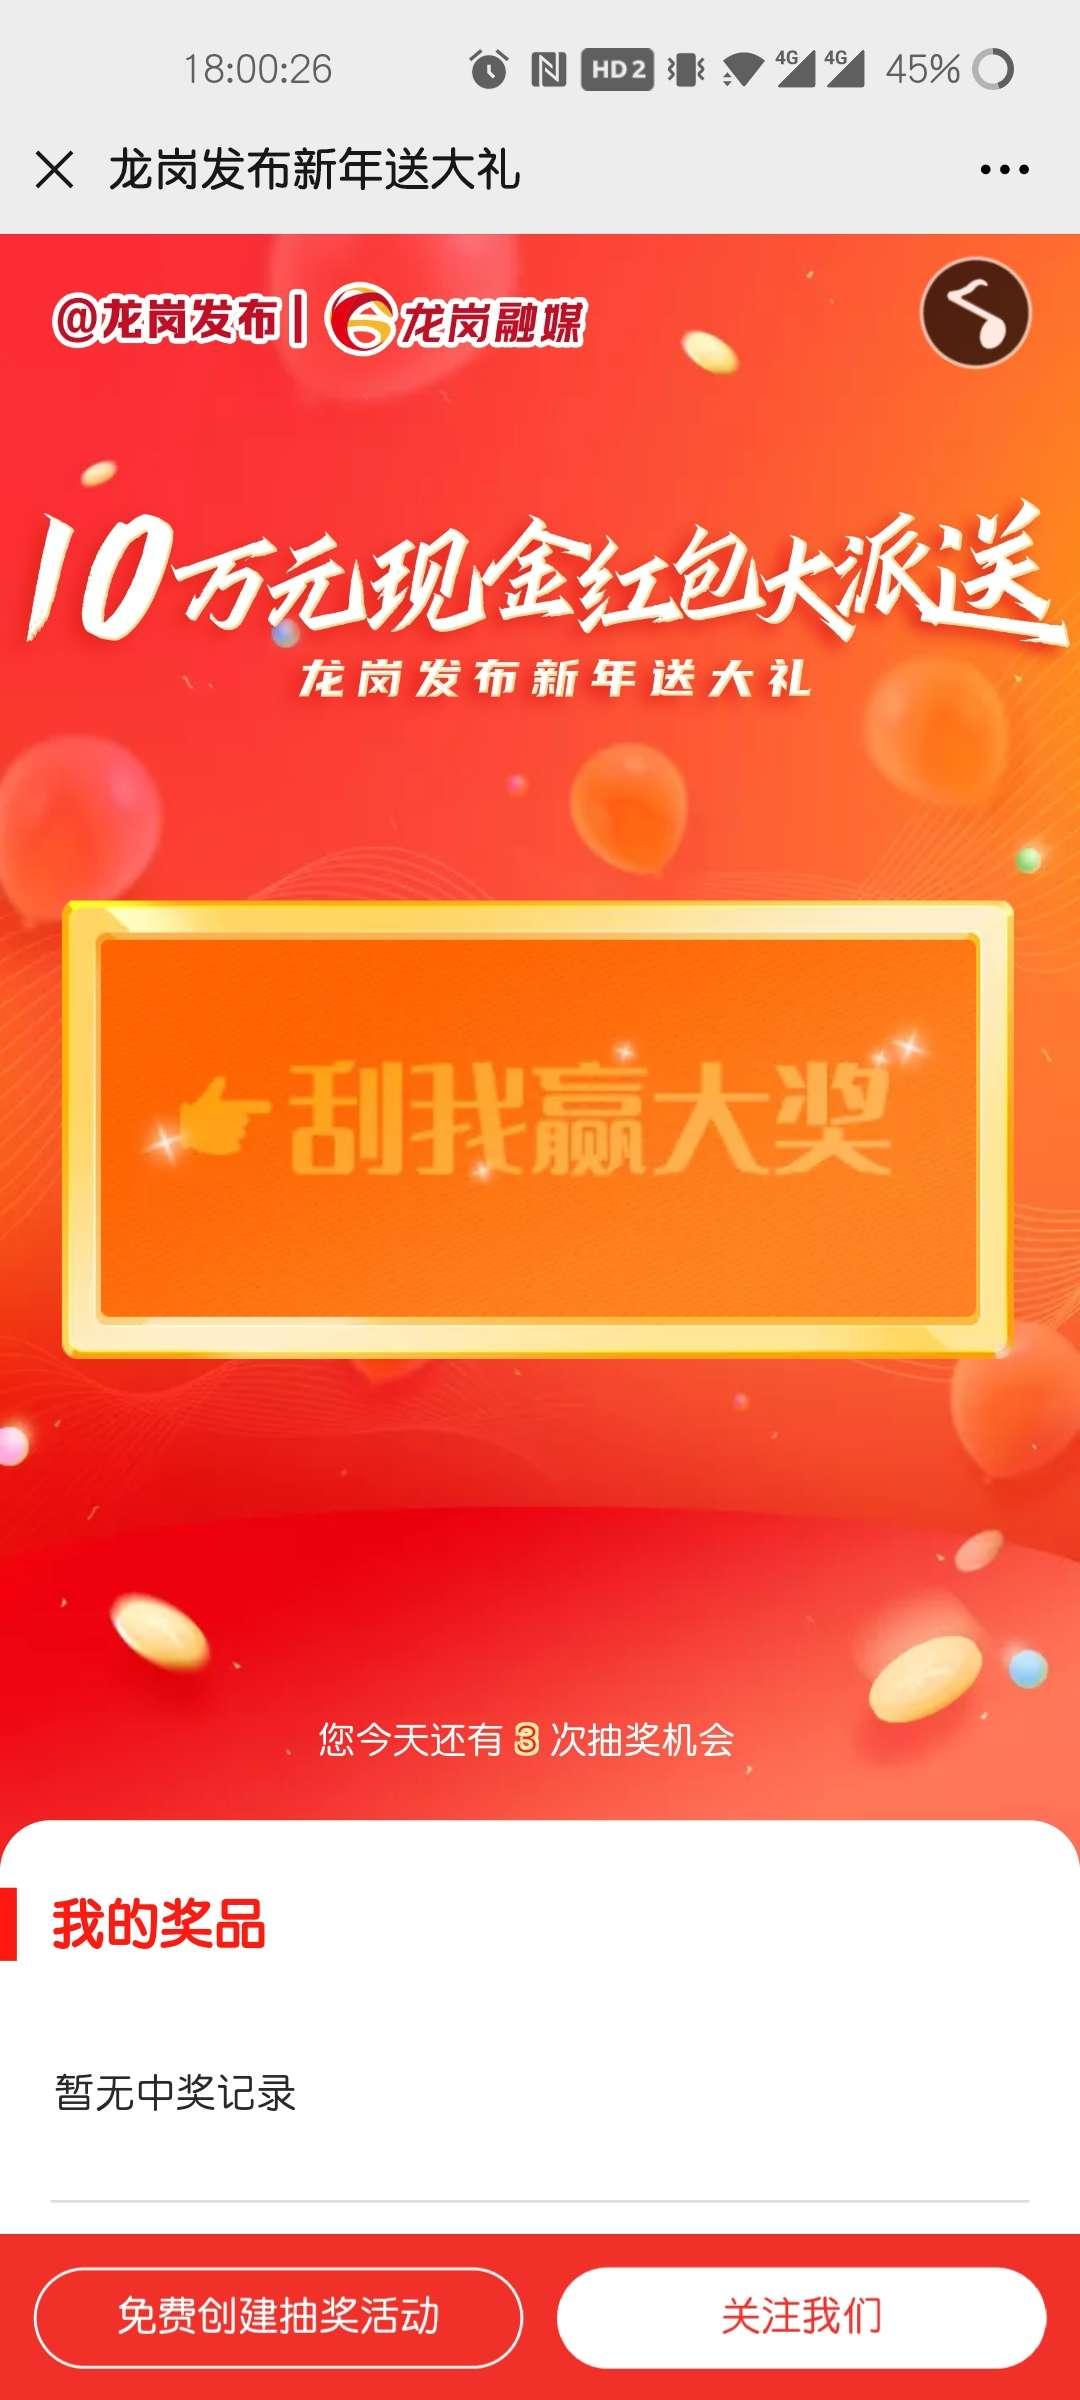 图片[1]-龙岗发布新年送大礼抽红包-老友薅羊毛活动线报网